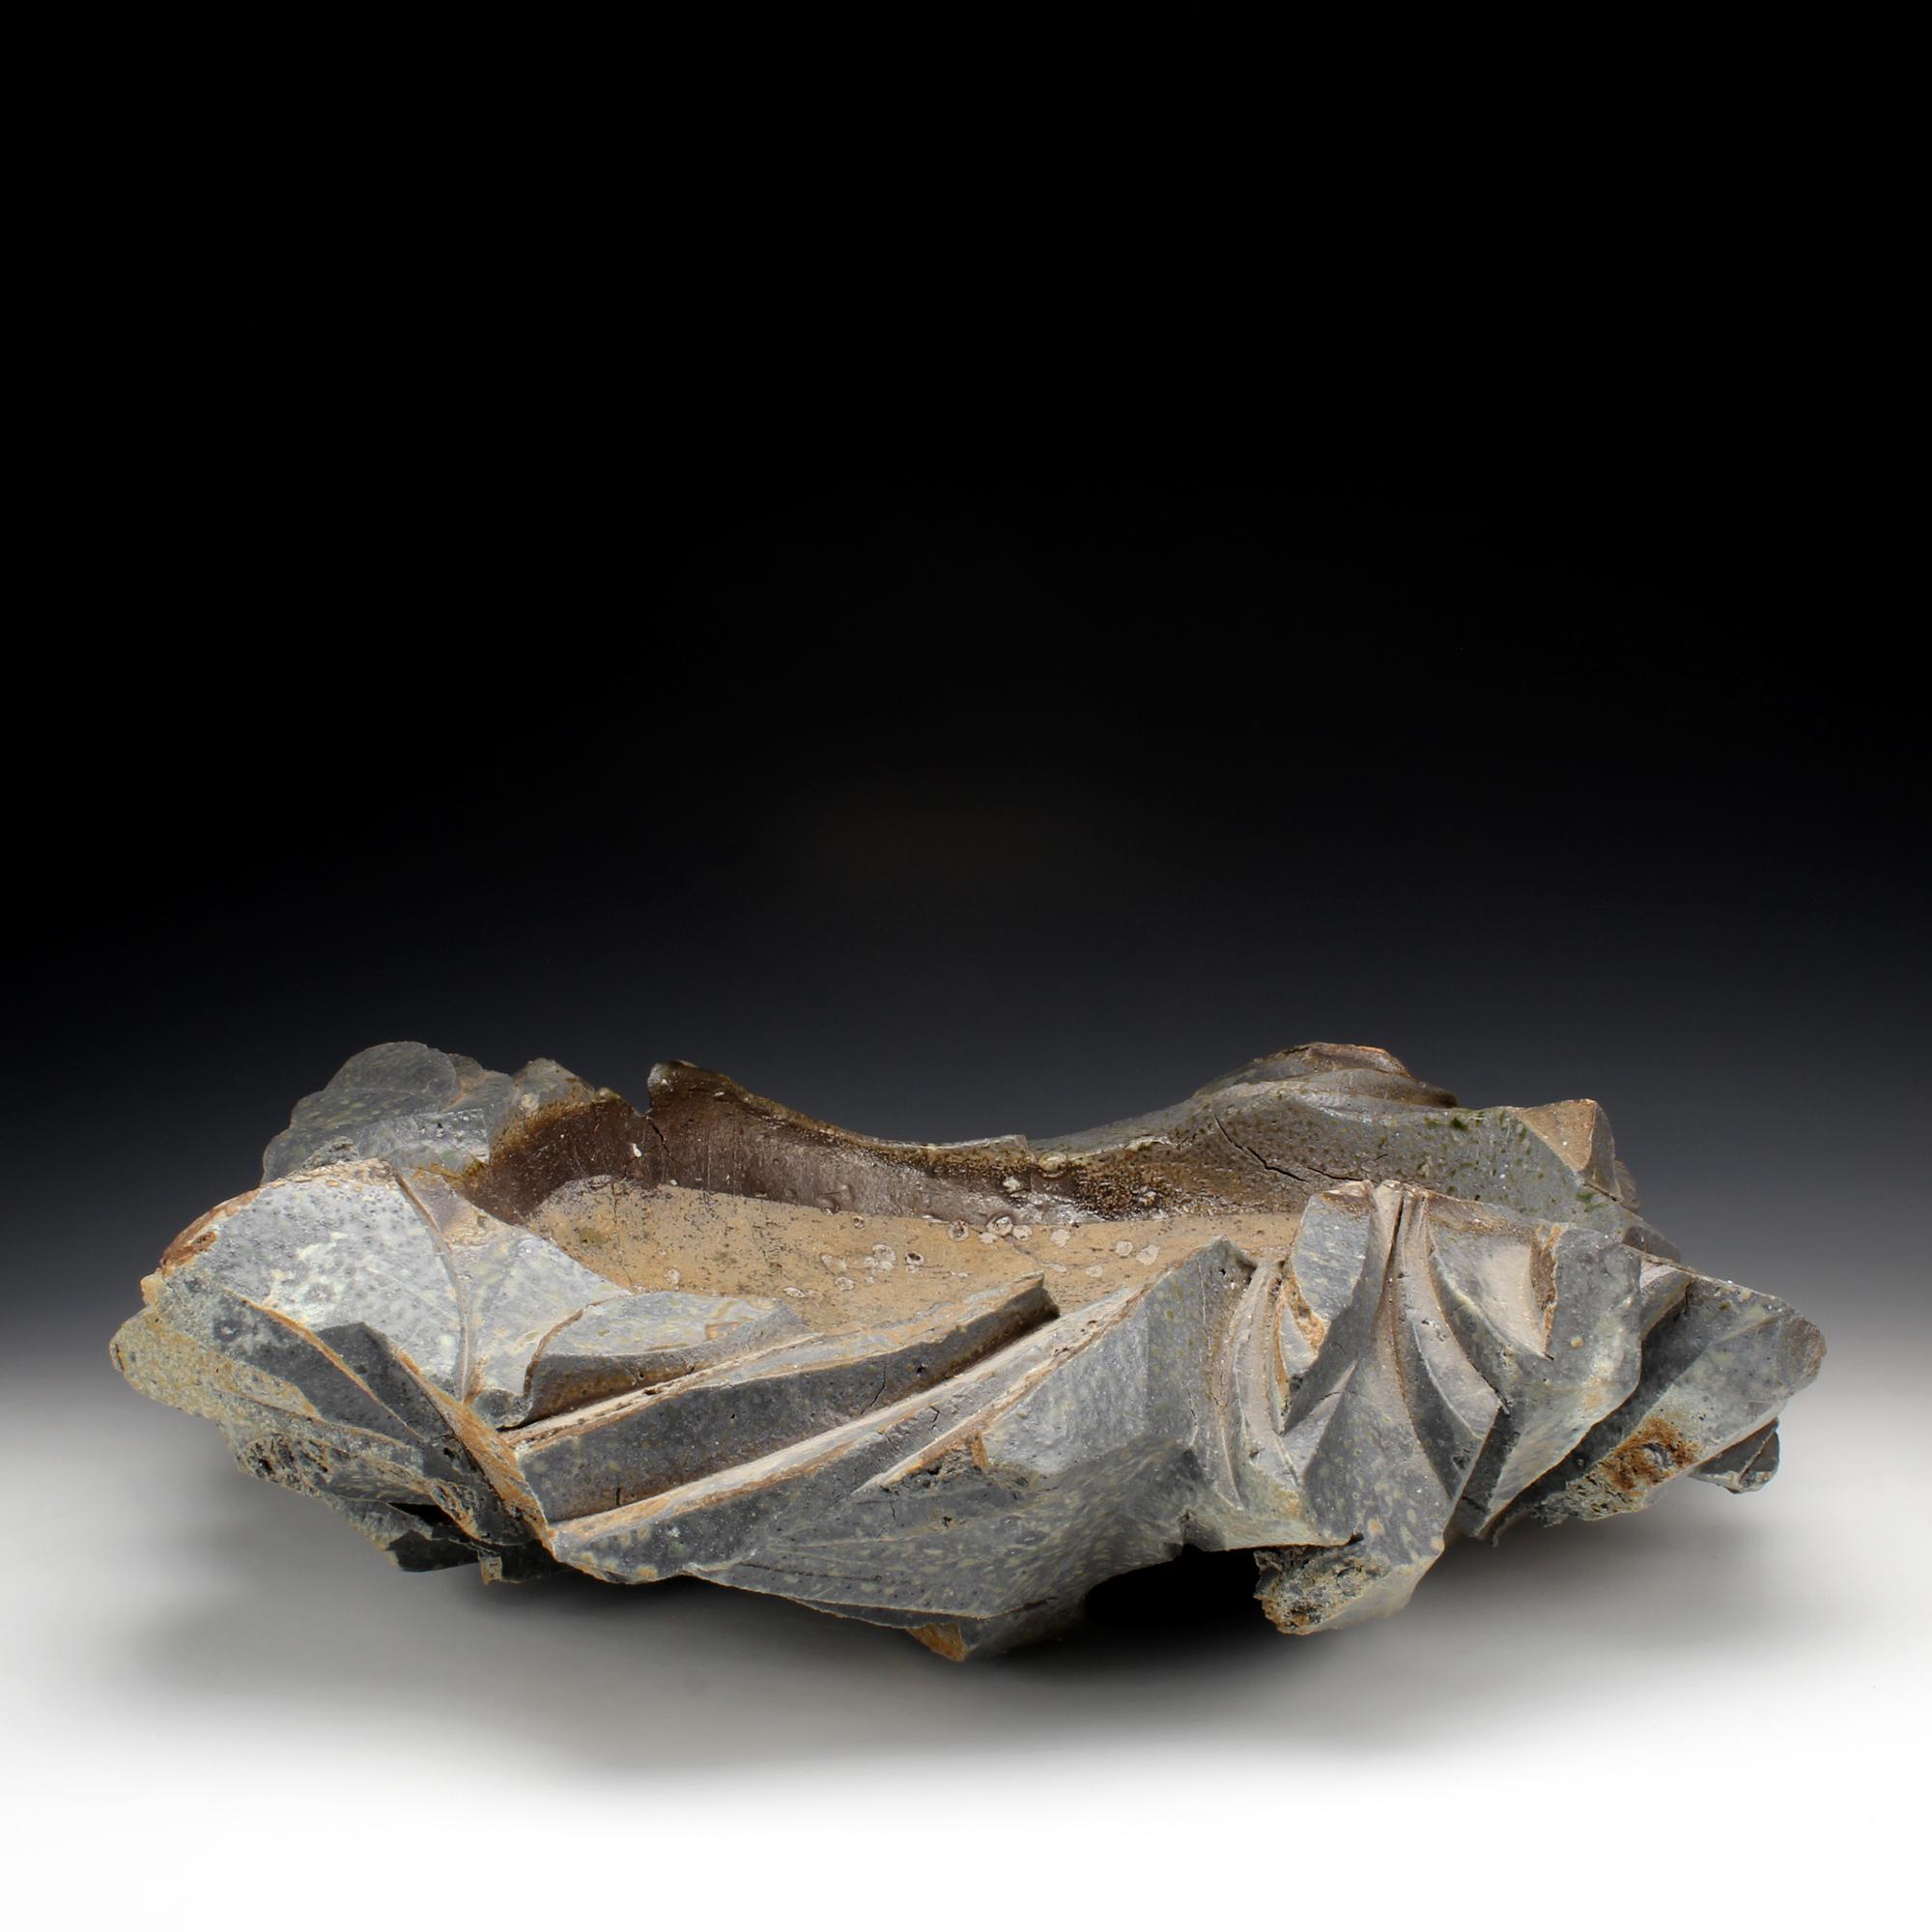 """Platter  6"""" x 21"""" x 20  Wood fired stoneware, quartz  2014"""